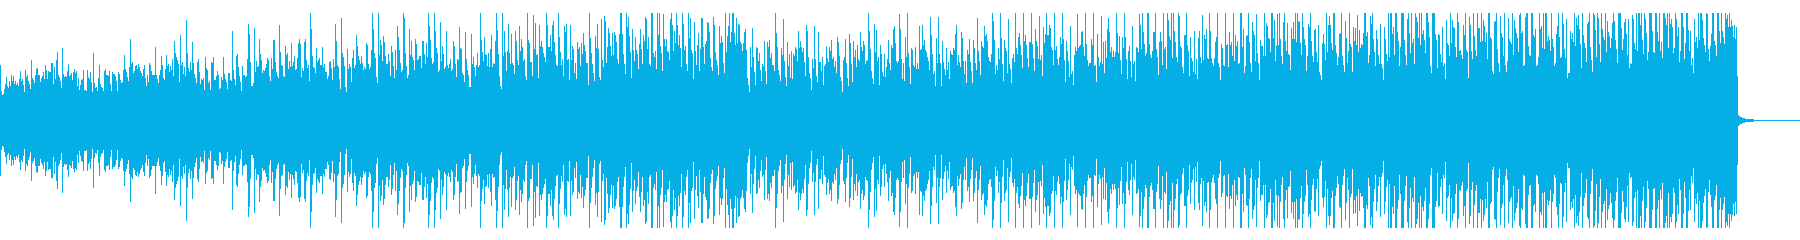 徐々に盛り上がるシンプルなハウスの再生済みの波形